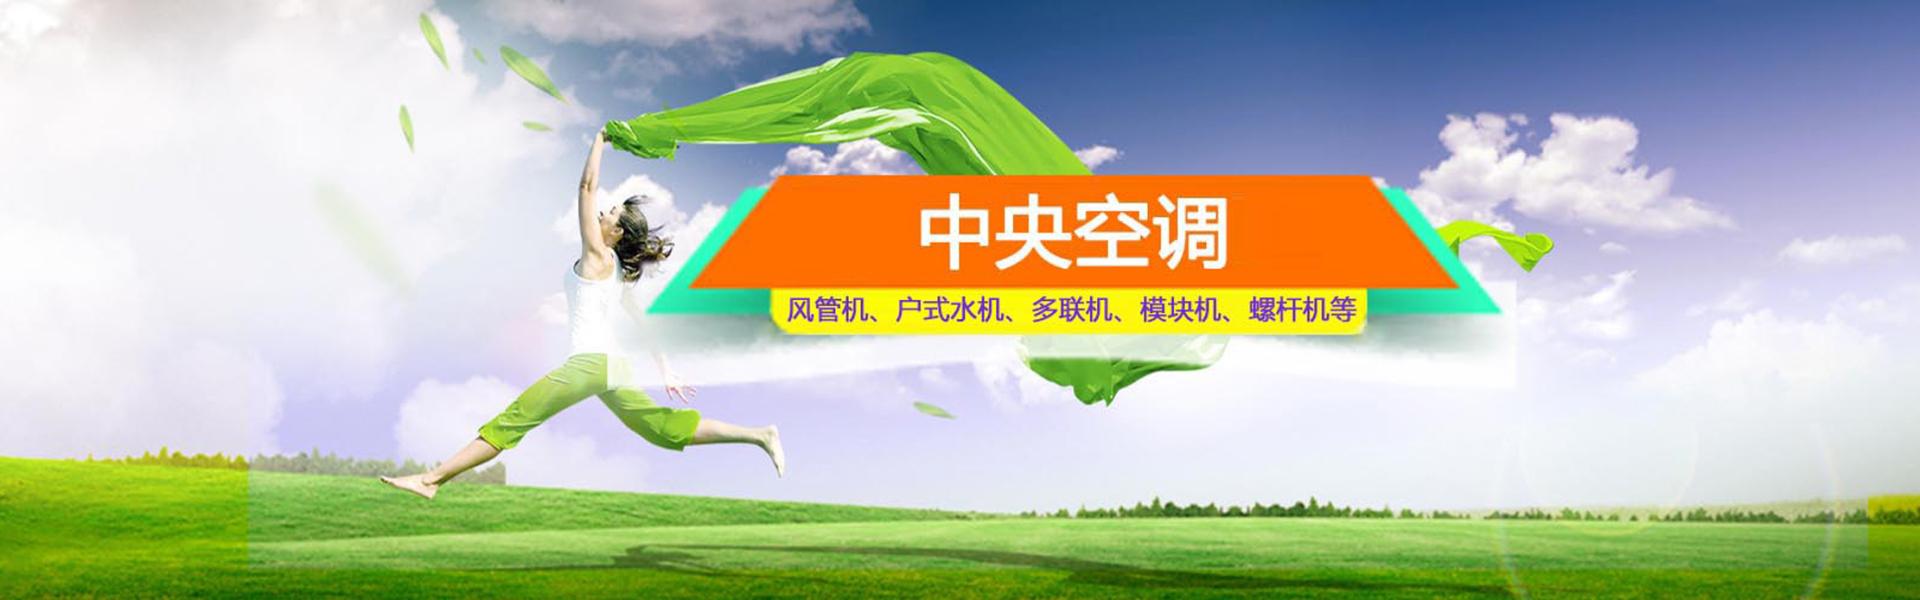 金恩机电网站大图-武汉格力中央空调